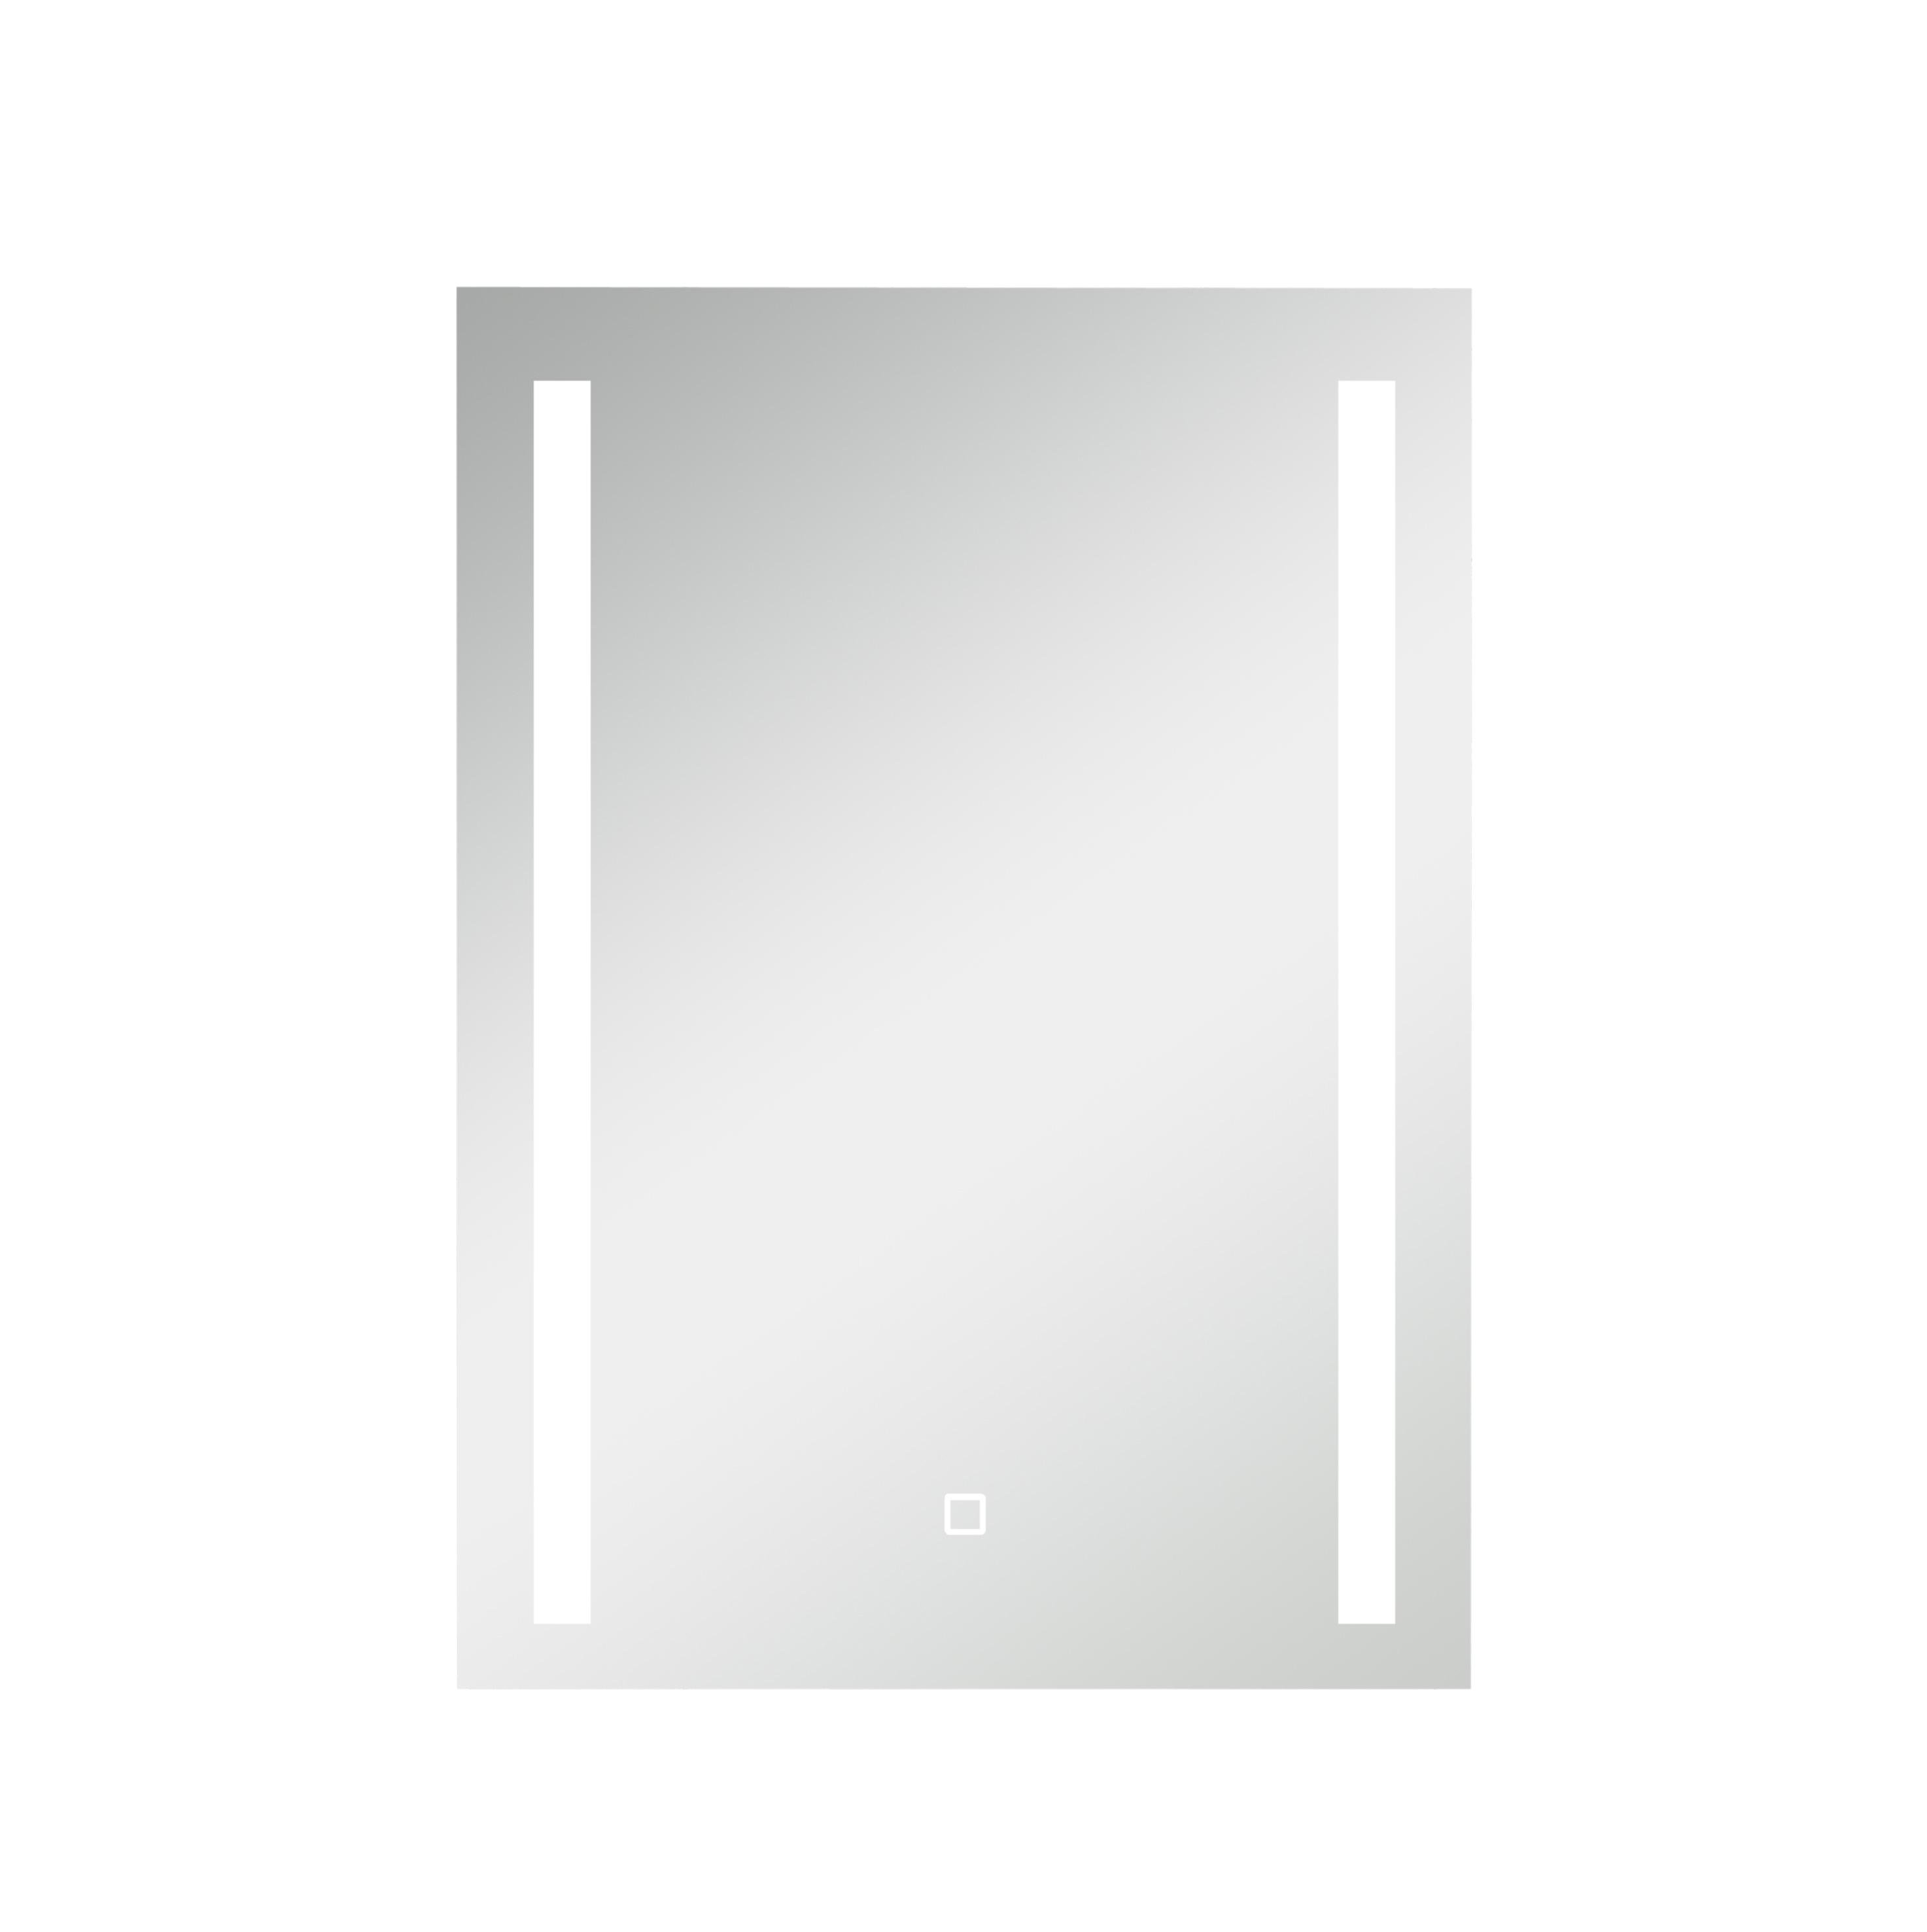 Elba lysspeil i størrelsen 60x80 cm er også en del av den fleksible baderomsløsning fra Duxa.